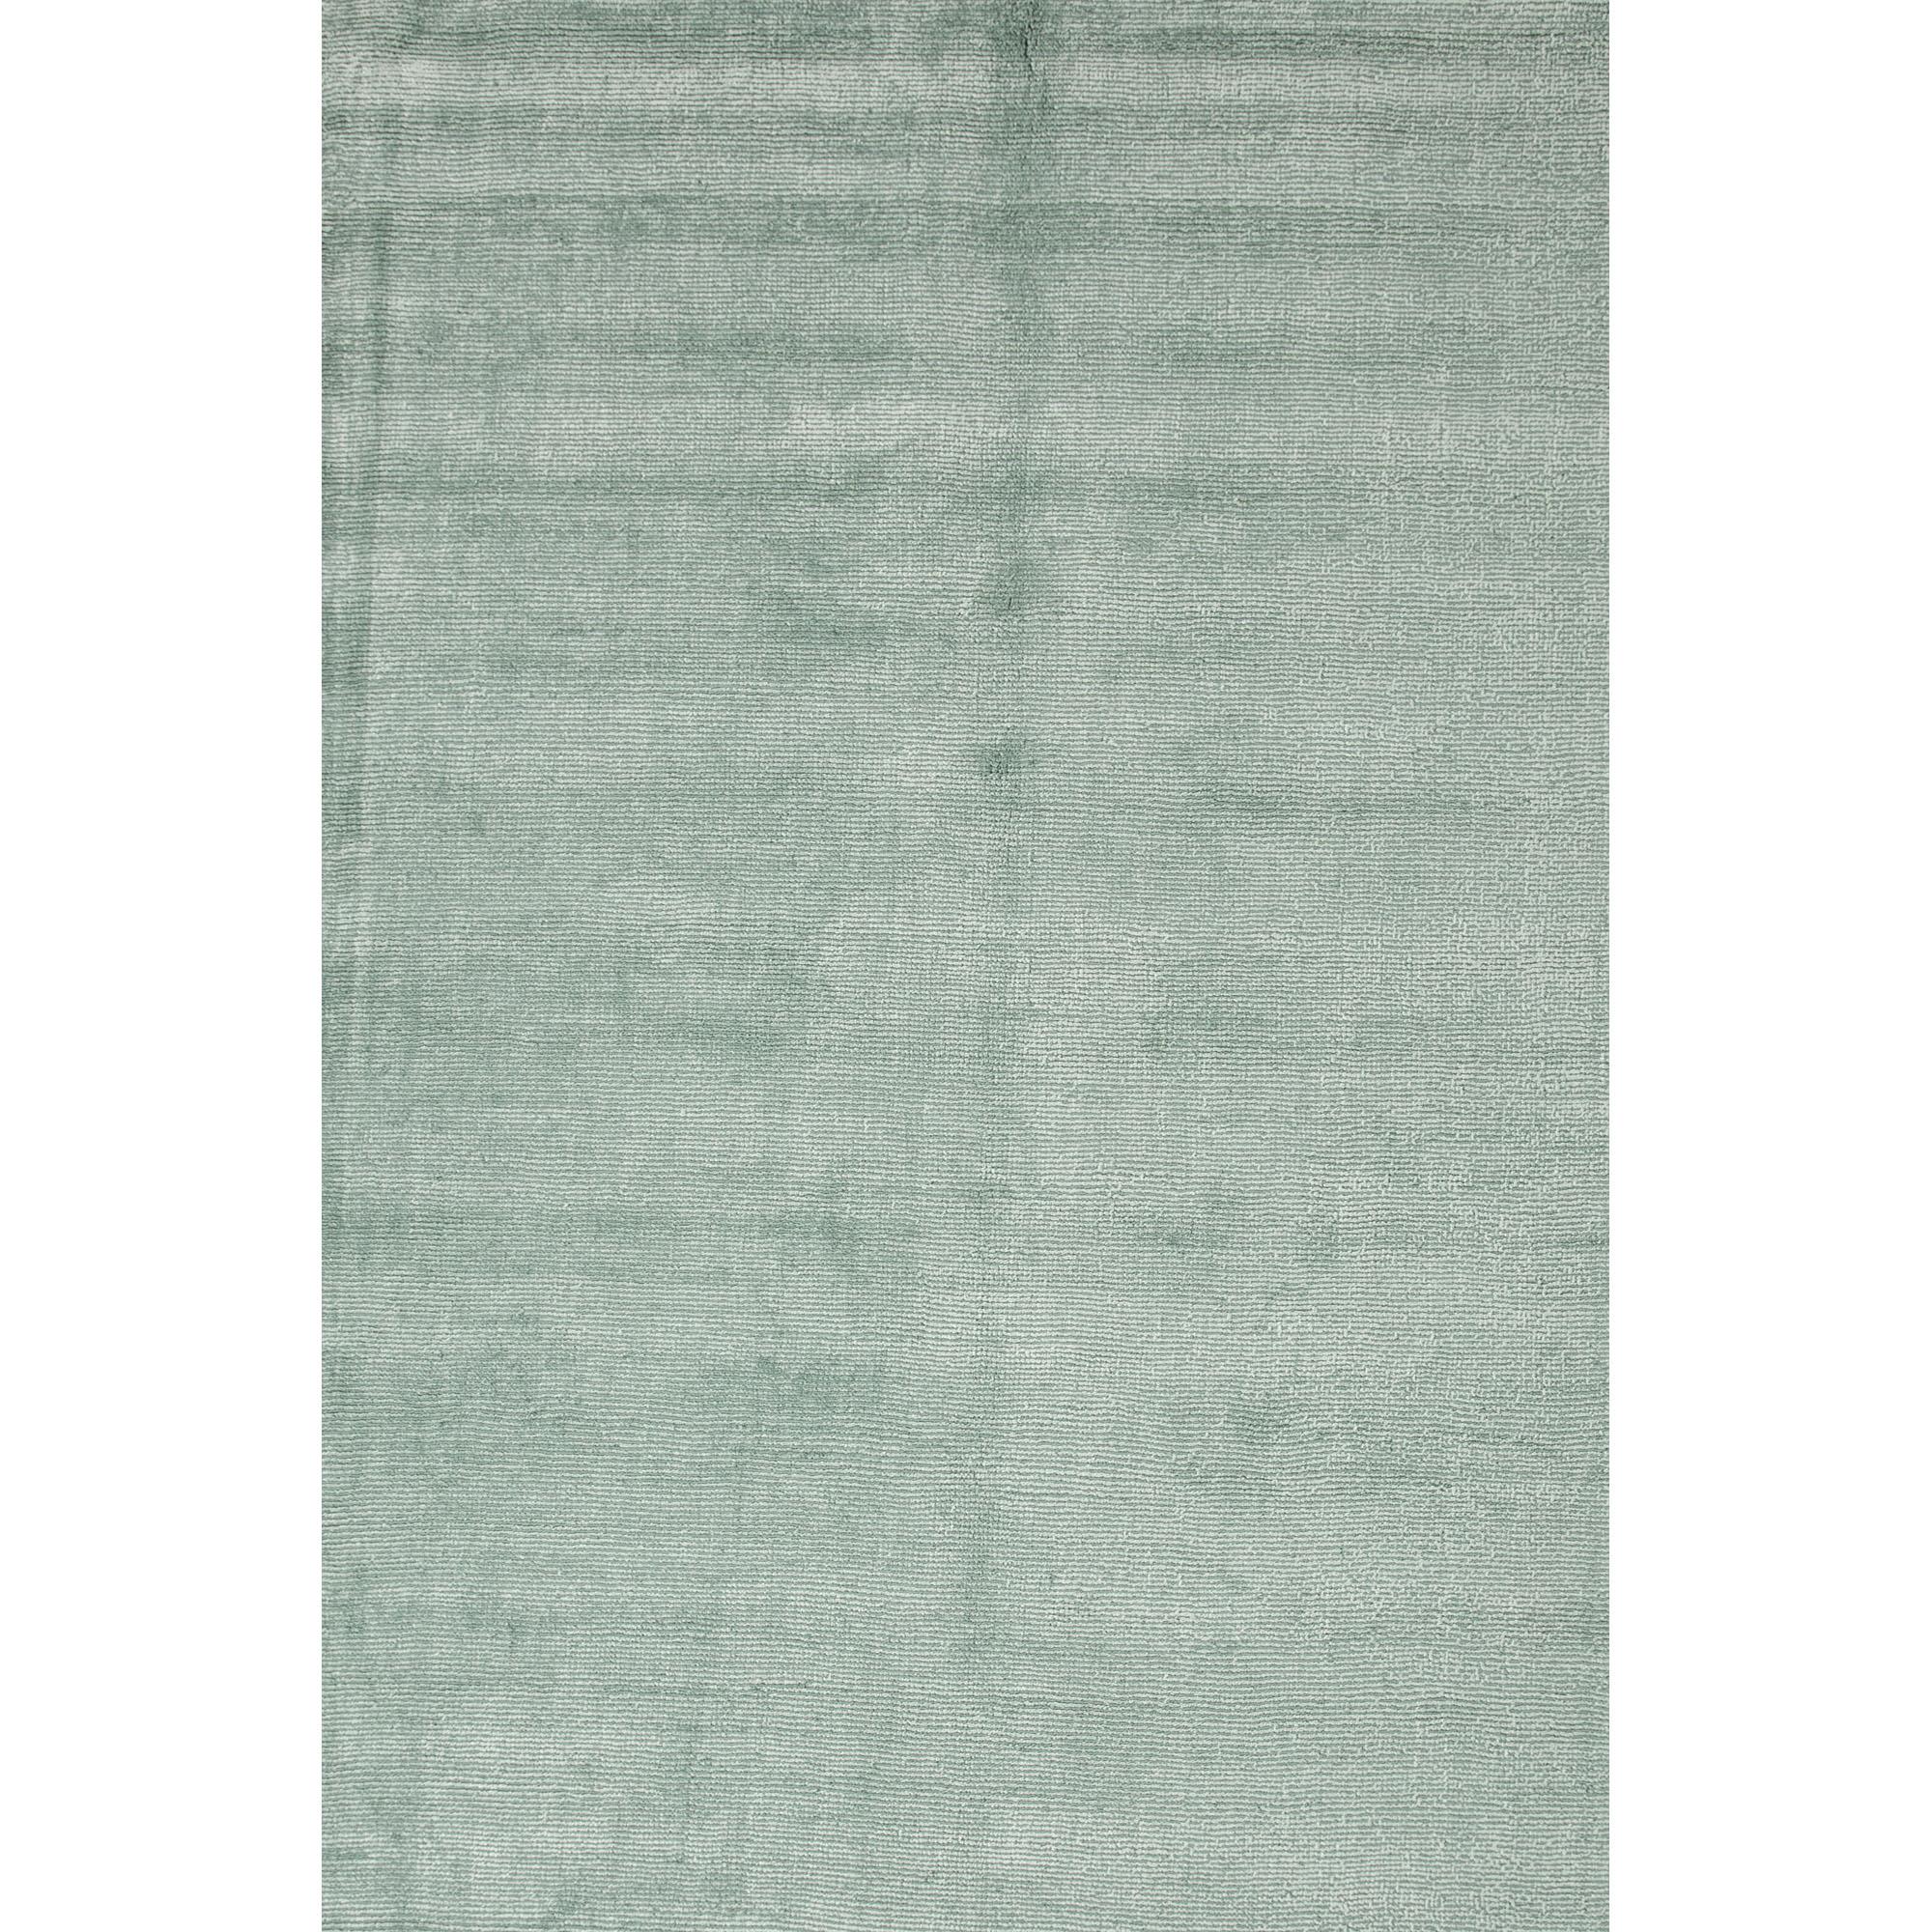 JAIPUR Rugs Konstrukt 9 x 13 Rug - Item Number: RUG102361